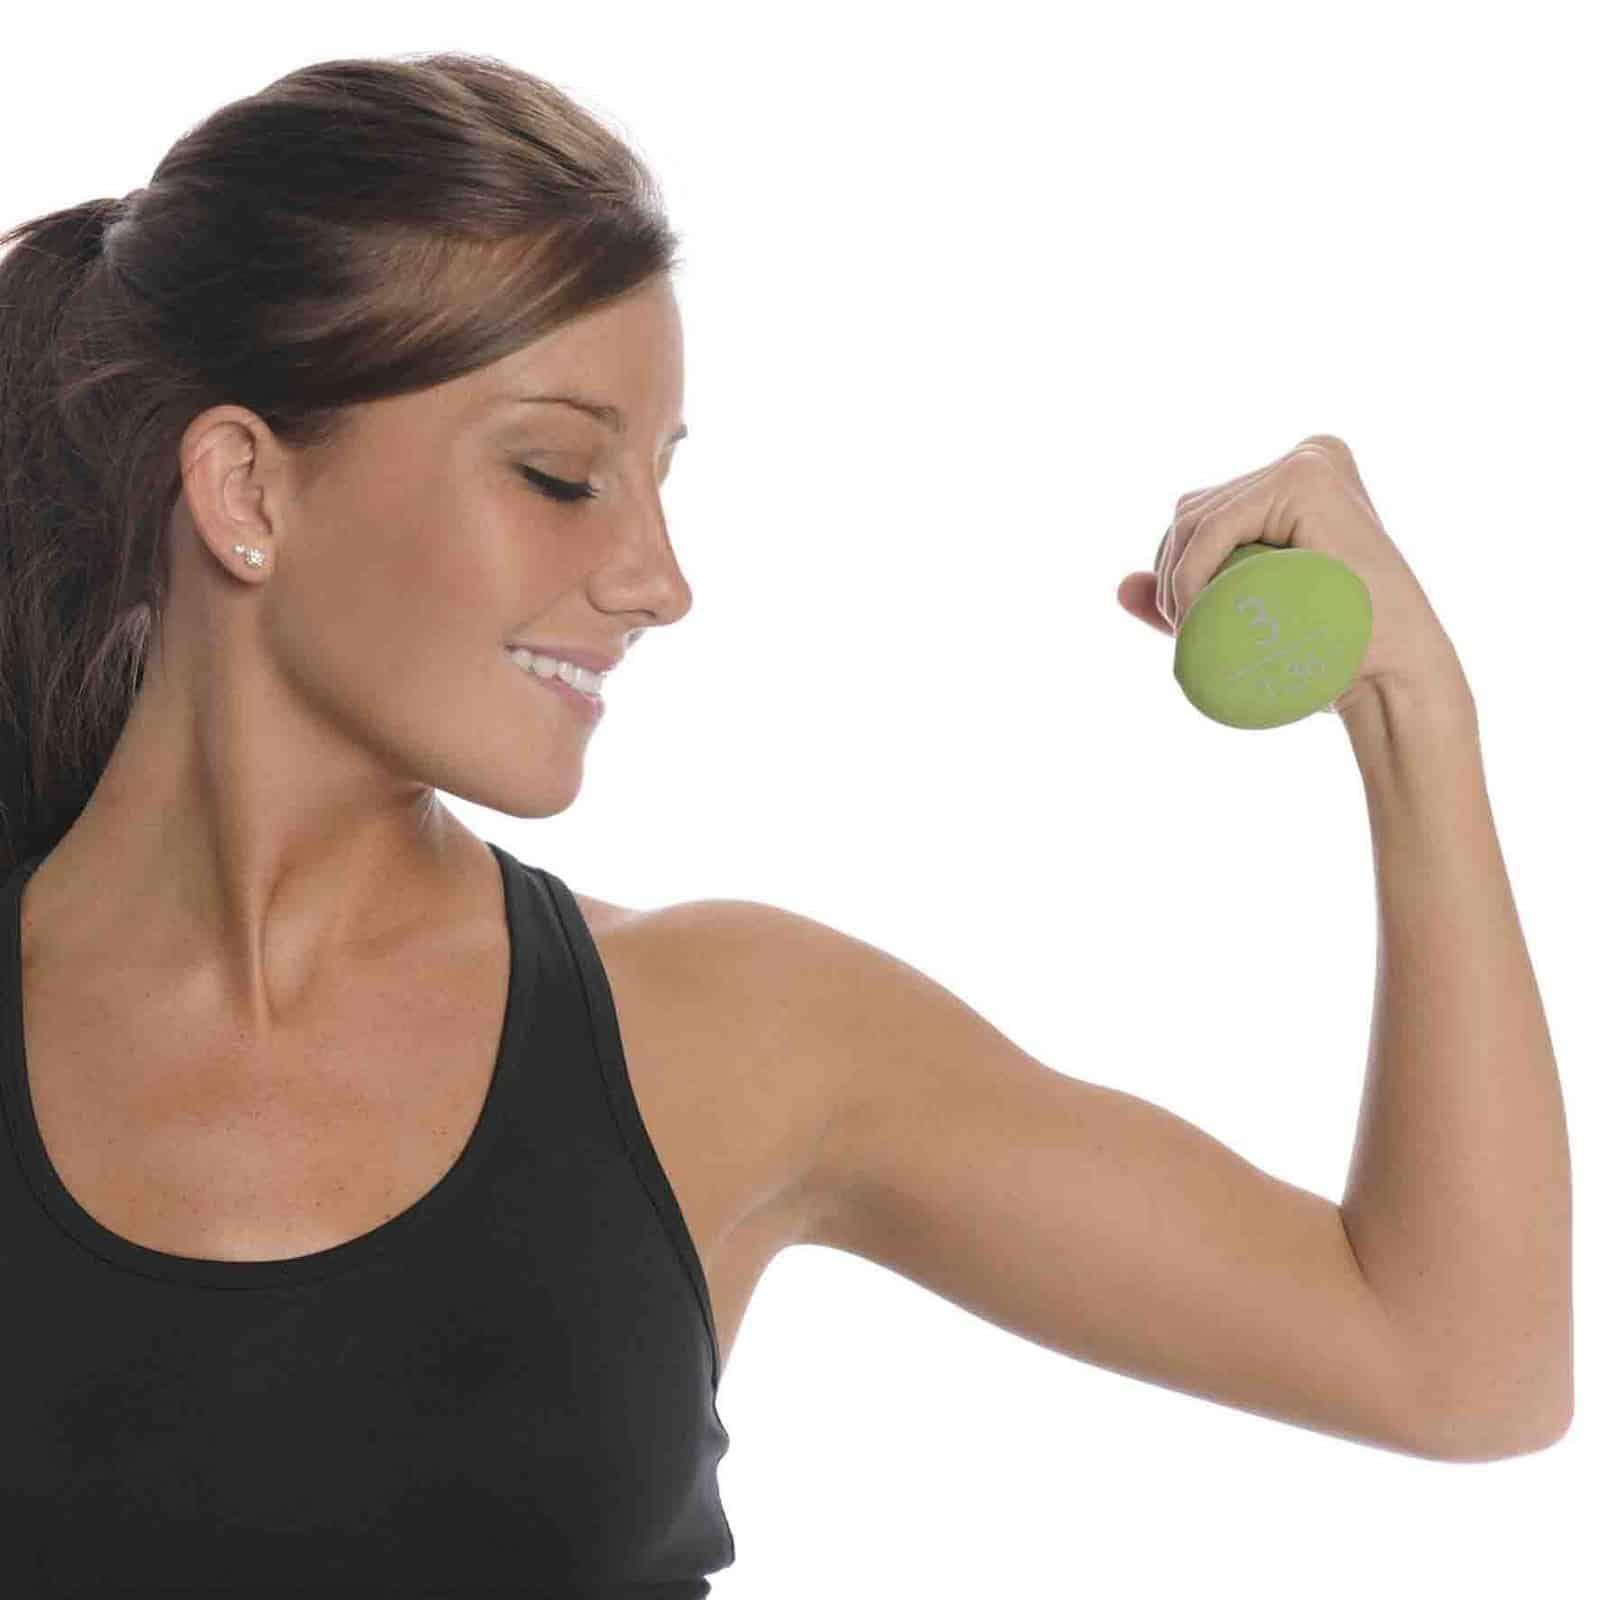 beneficios de la espinaca buen desarrollo de musculos y huesos